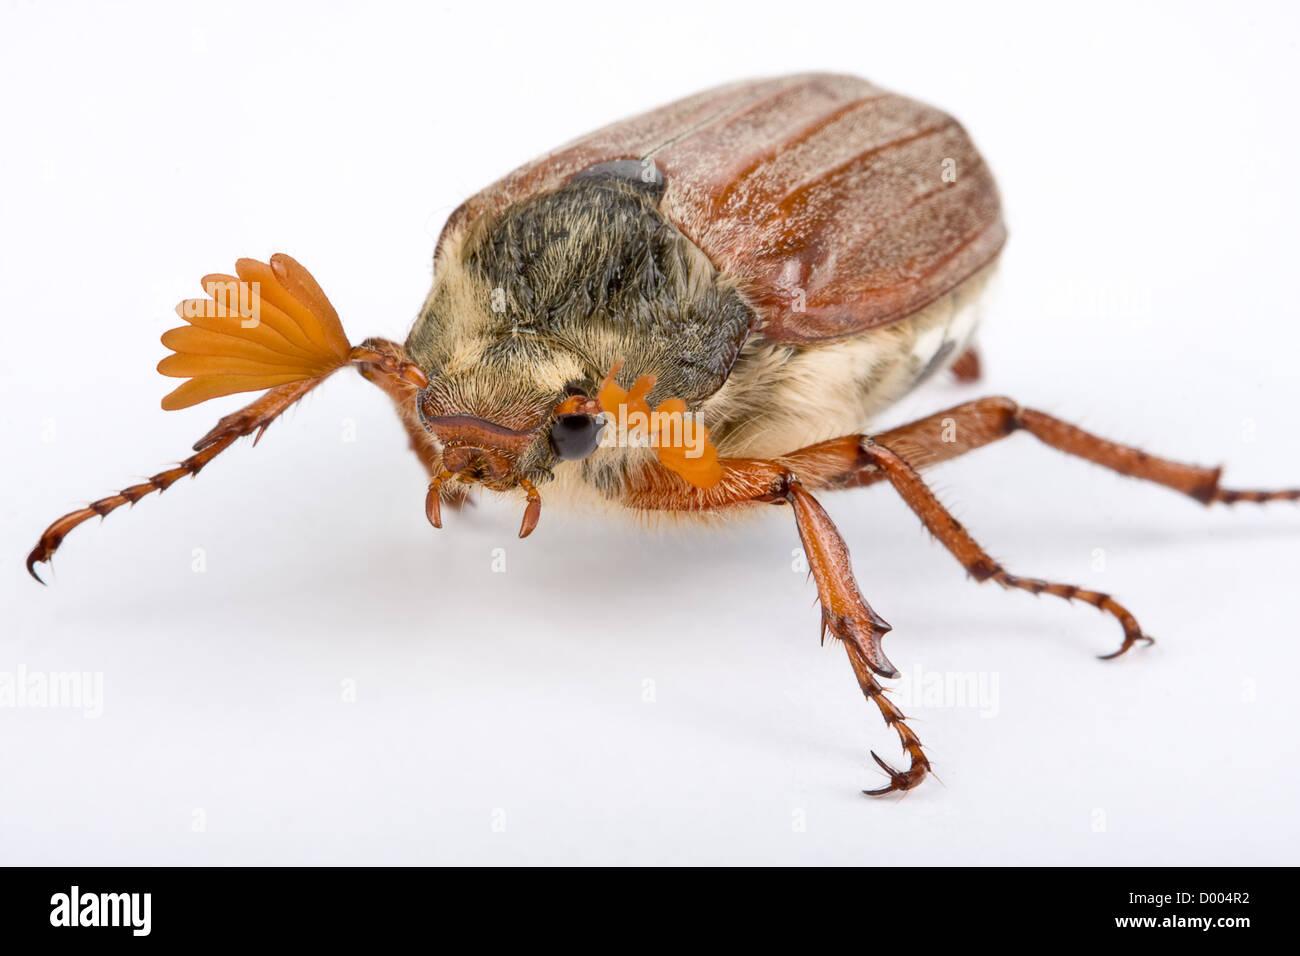 Maybug beetle showing his beautiful fingerlike antenna Stock Photo